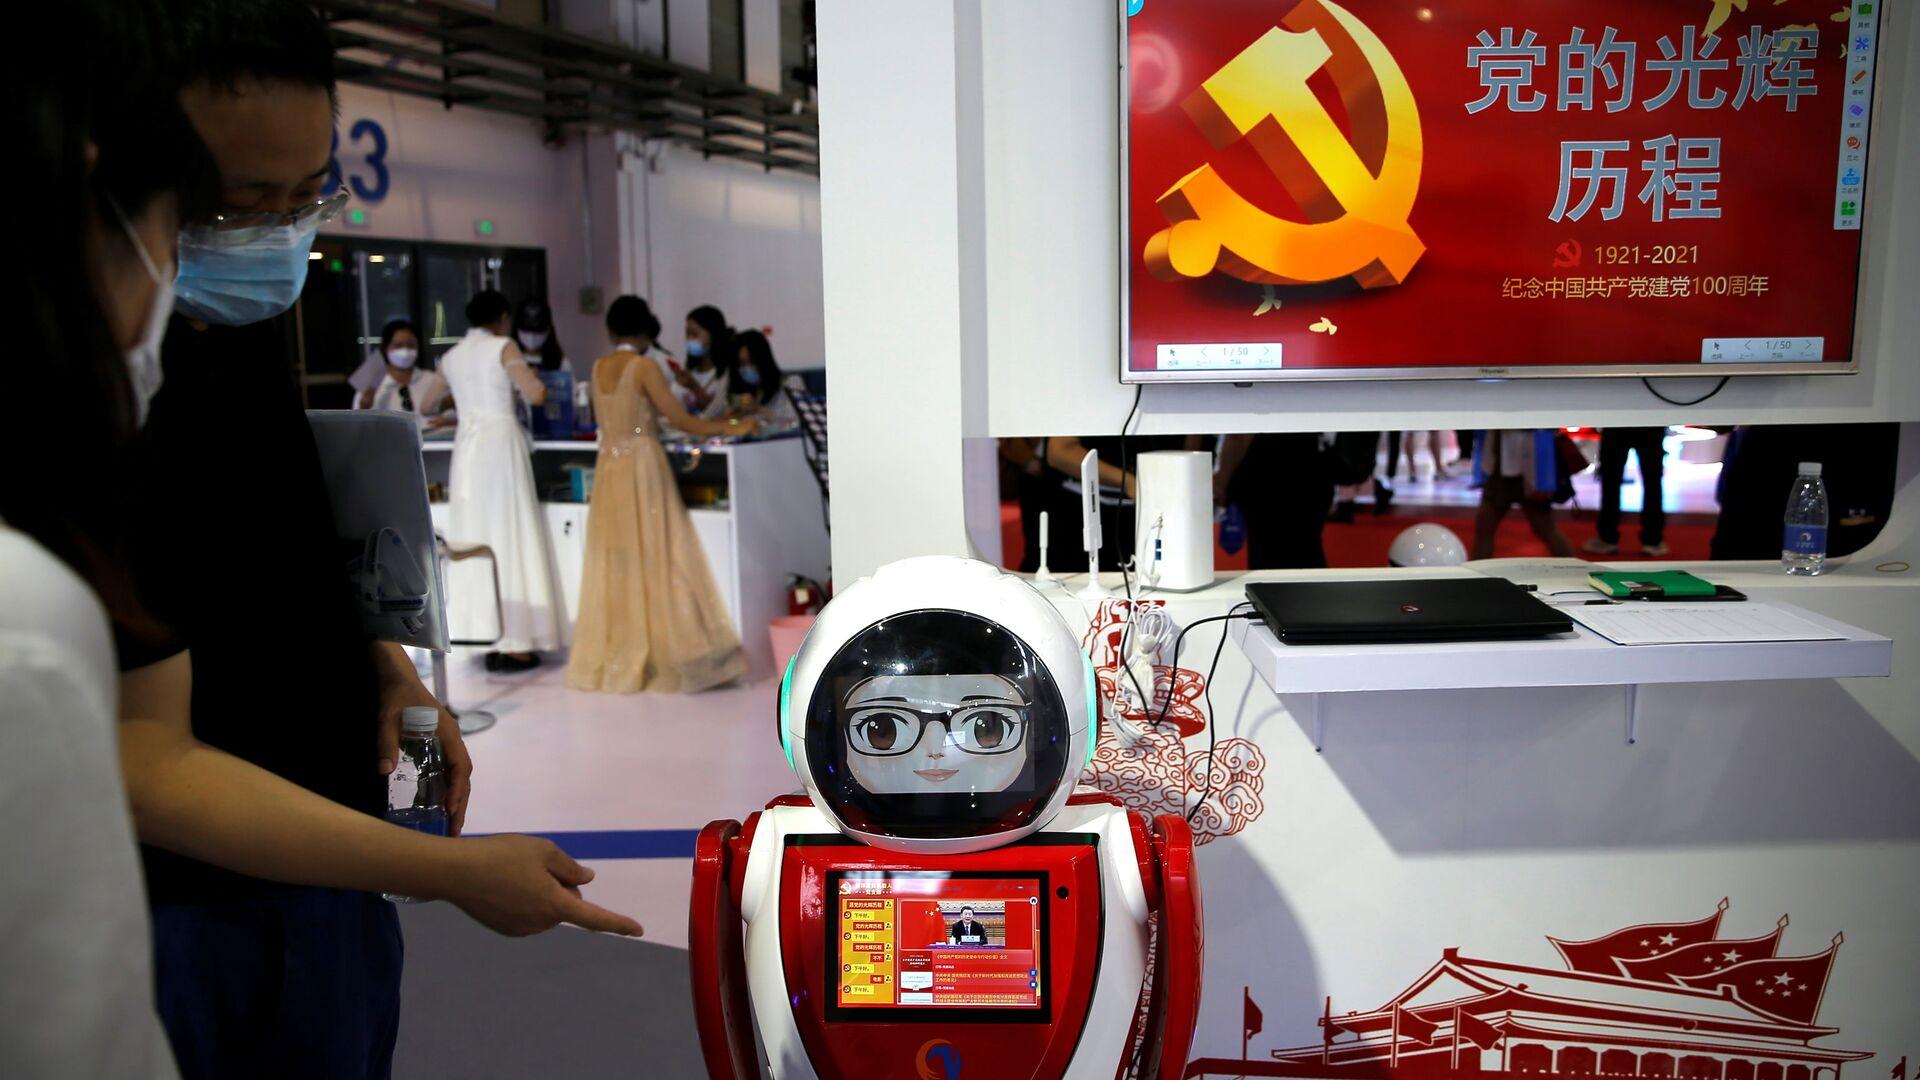 Посетители и роботы Всемирной конференции робототехники Beijing World Robot Conference 2021 в Пекине, Китай - Sputnik Ўзбекистон, 1920, 05.10.2021